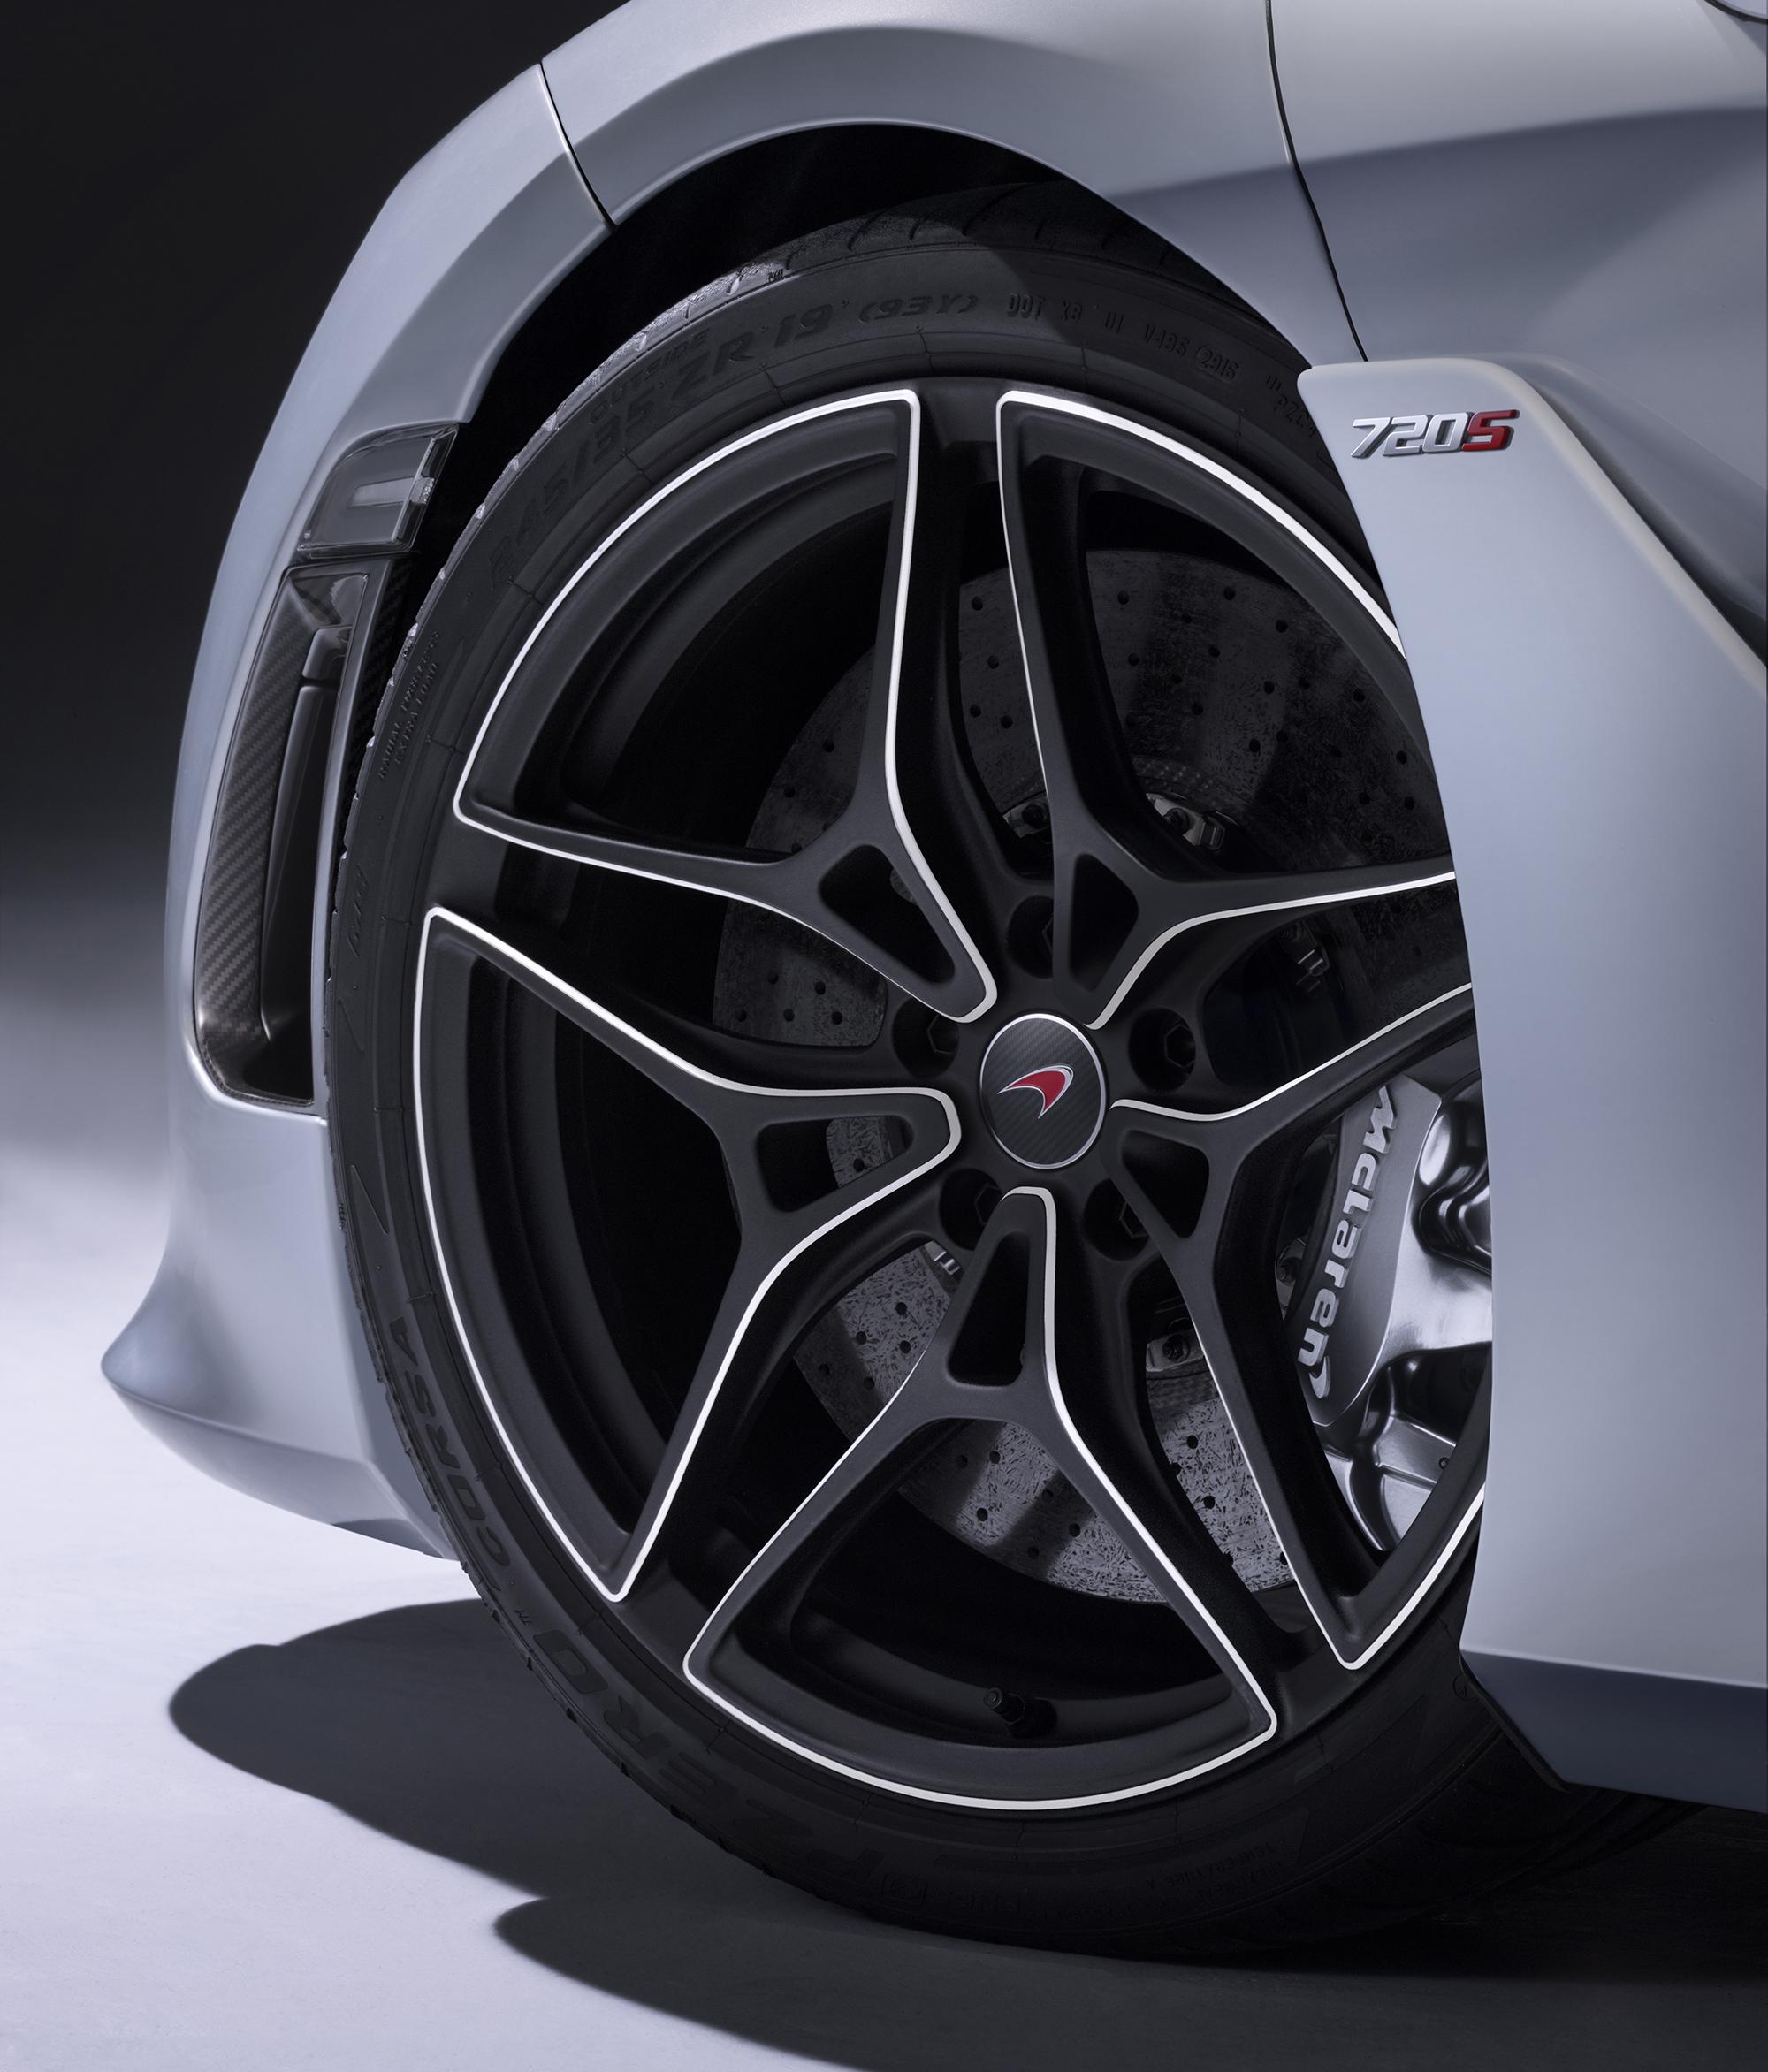 Mclaren 720s Wheel.jpg